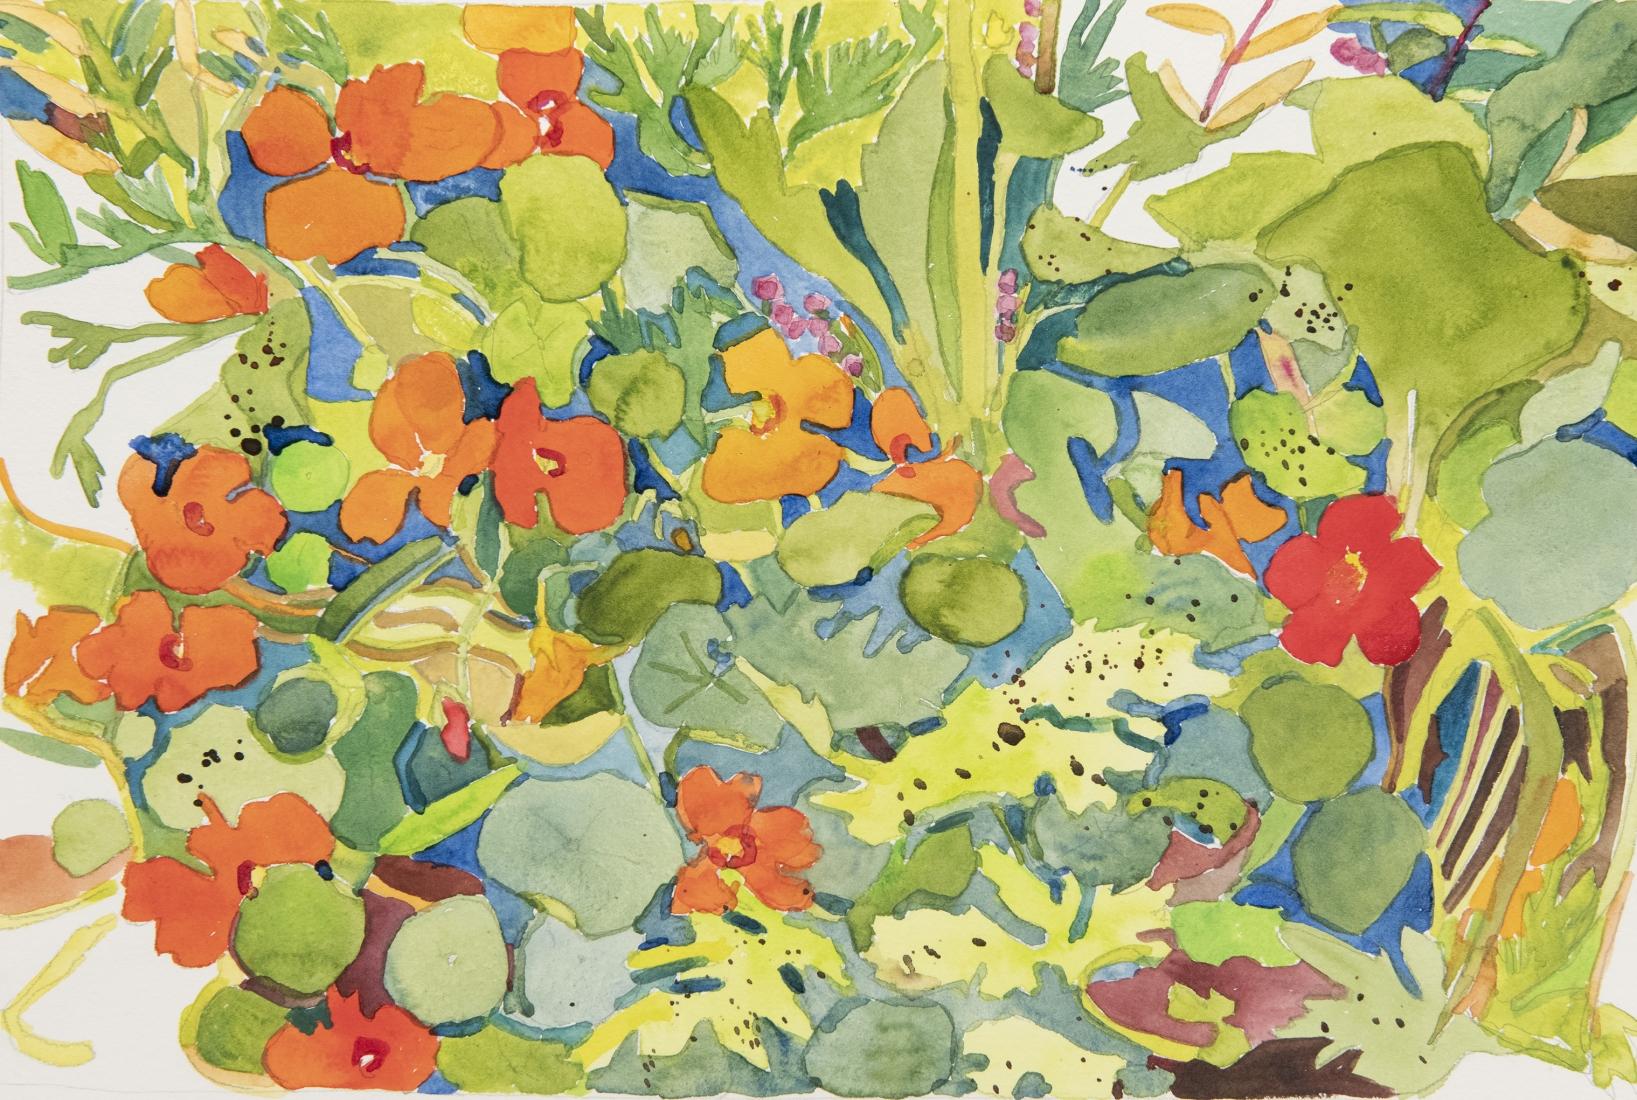 Pamela Sztybel (American, b. 1956) Flowers 8, 2020    Watercolor on paper 12 x 18 in. (30.5 x 45.7 cm)